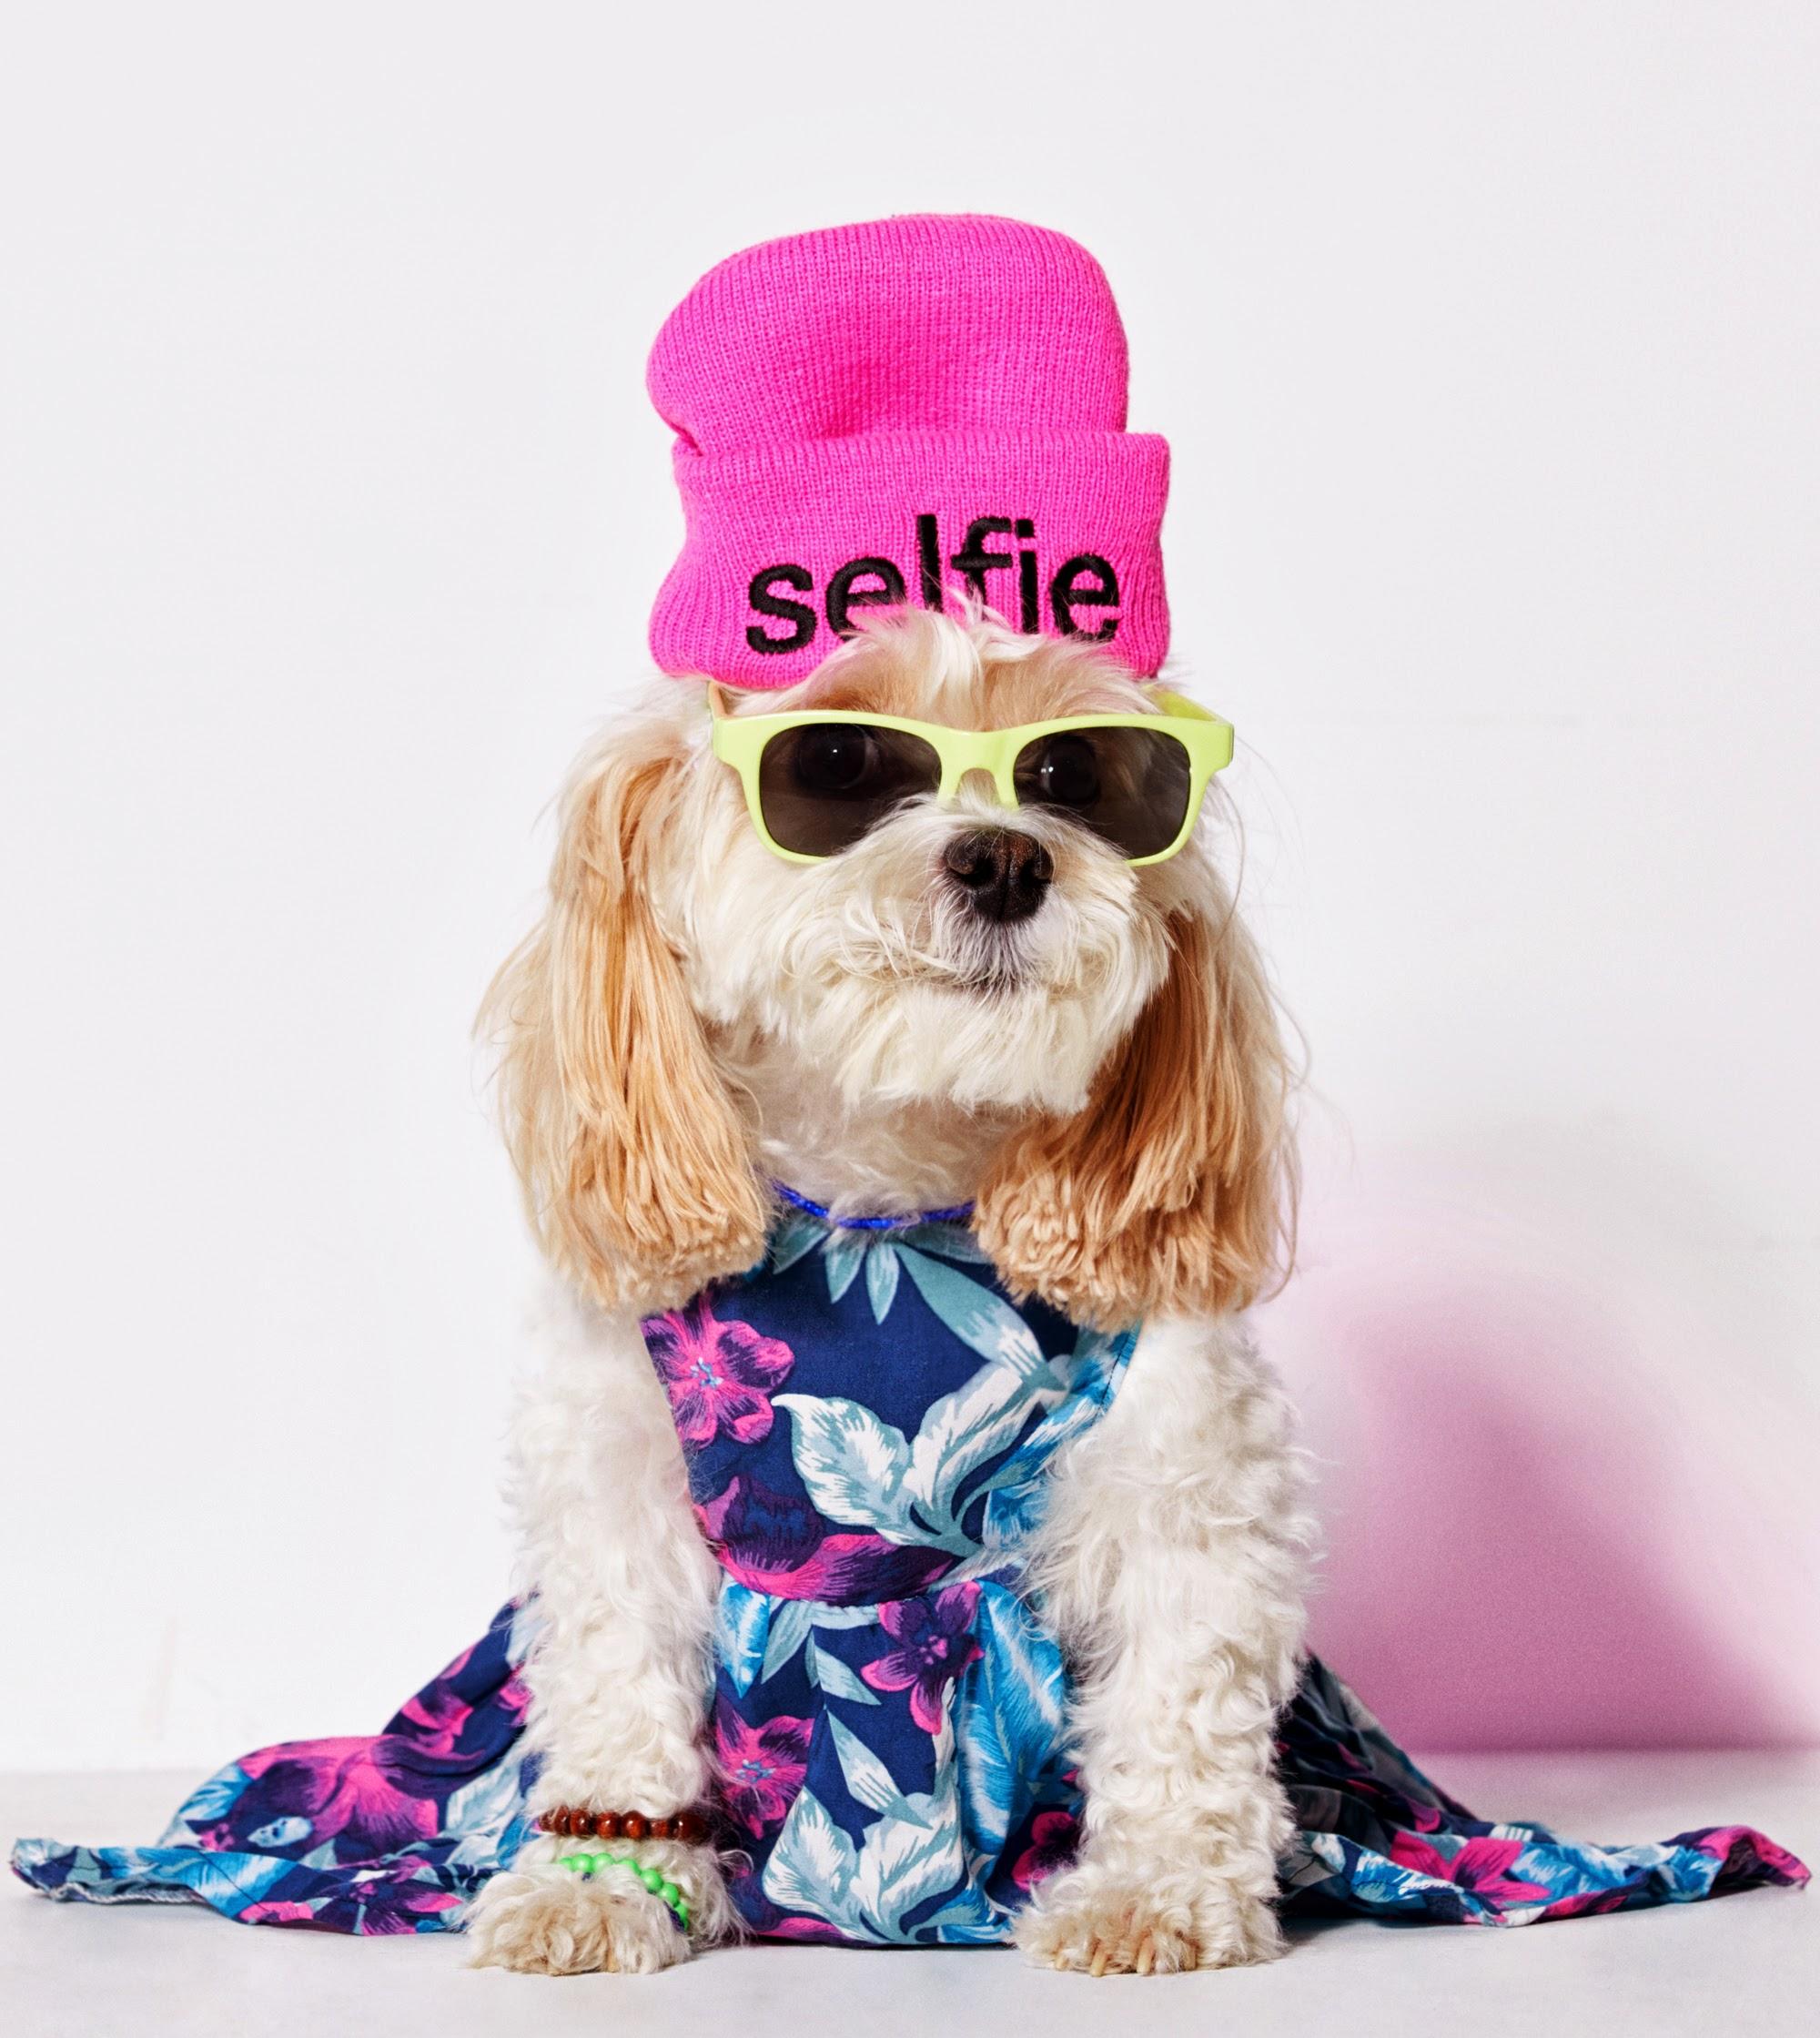 American Beagle Outfitters, la línea de ropa para perros que comenzó como una broma